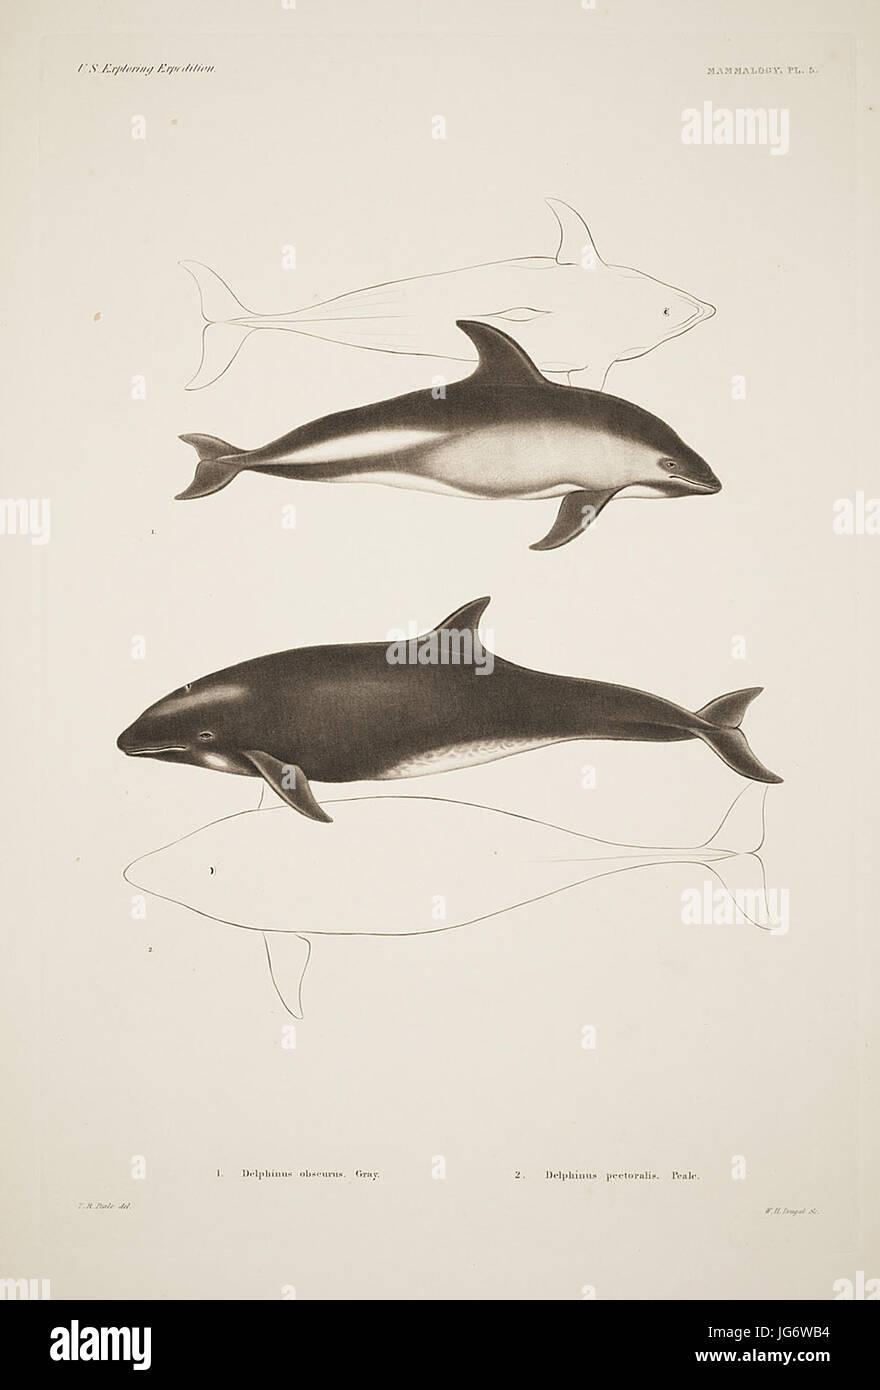 Mammalogy and Ornithology. Mammalogy. Plate 5 - Stock Image